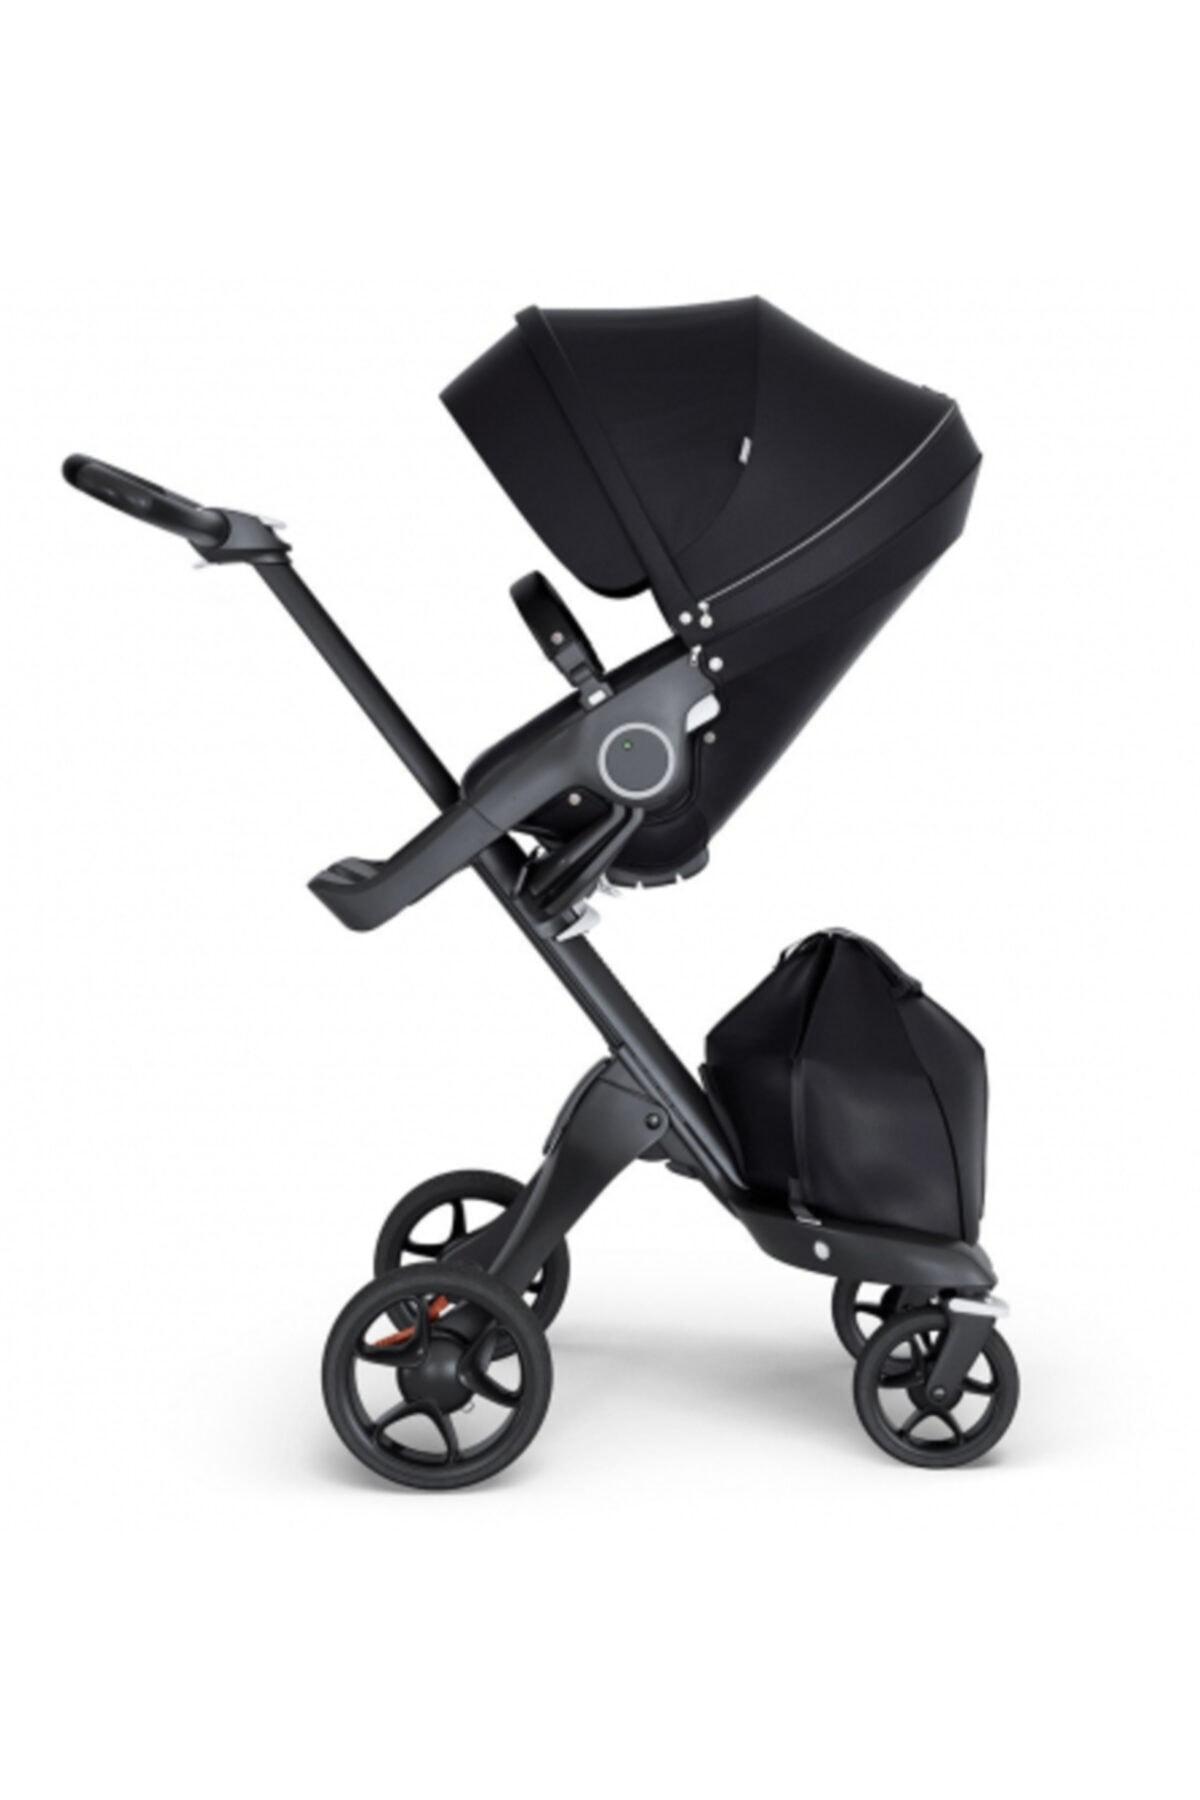 Stokke Unisex Bebek Siyah Xplory Bebek Arabası 1